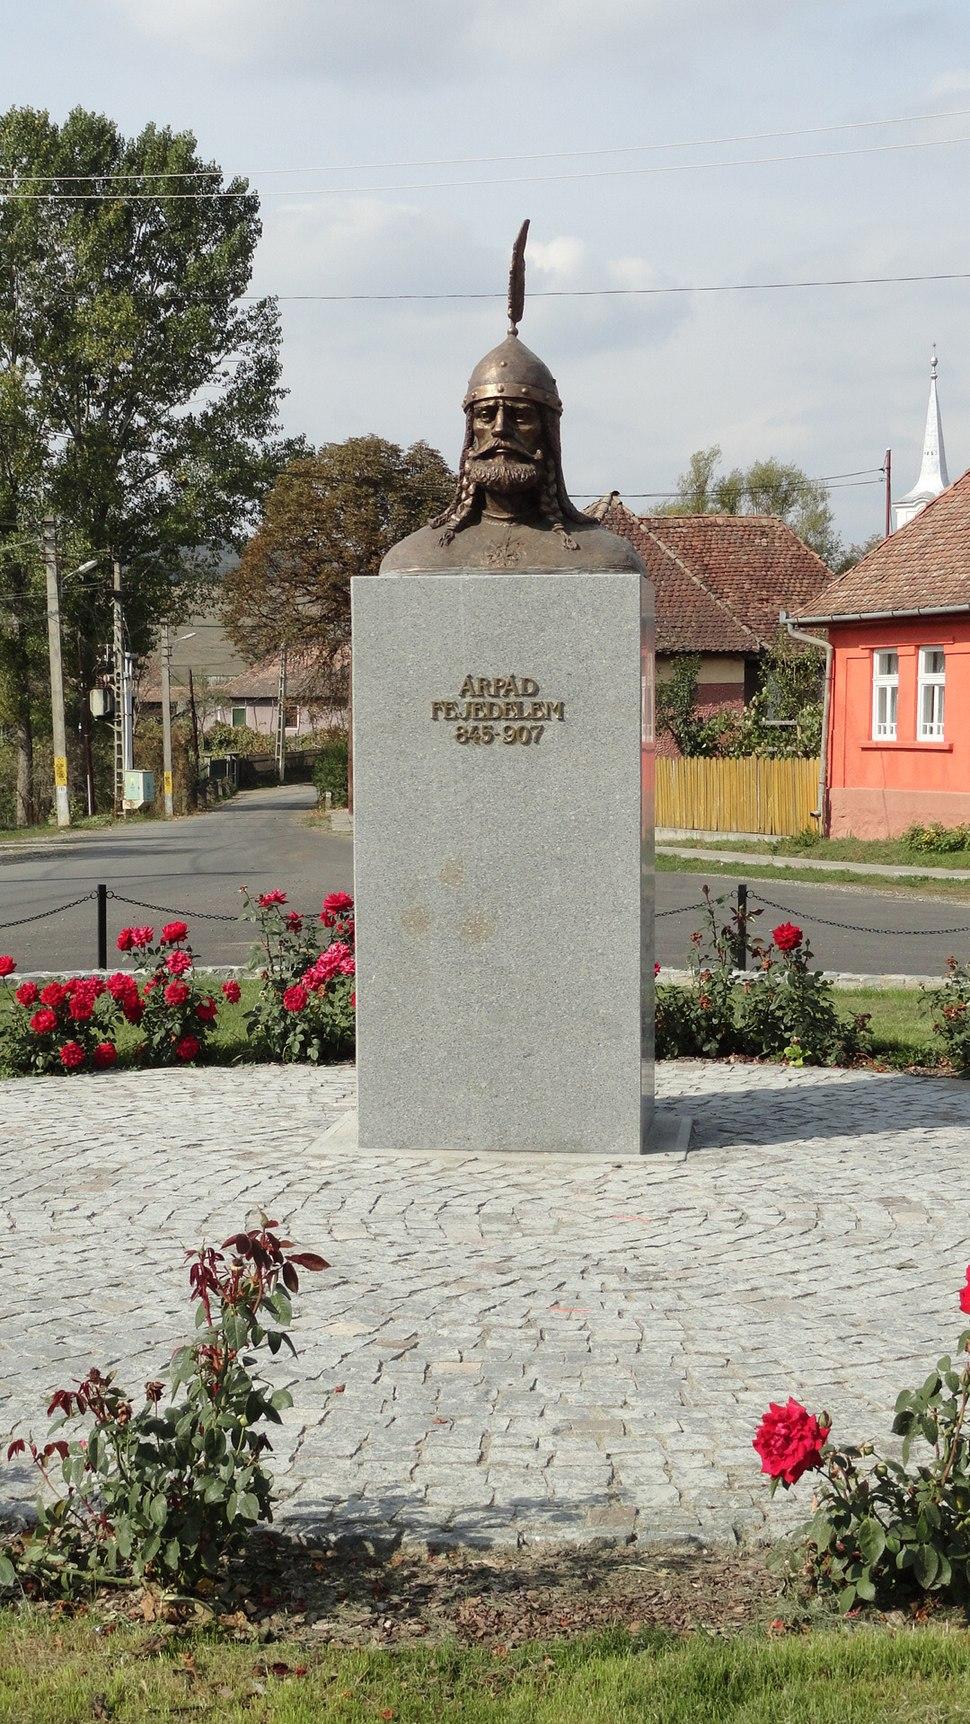 Árpád fejedelem 2 - Székelybere